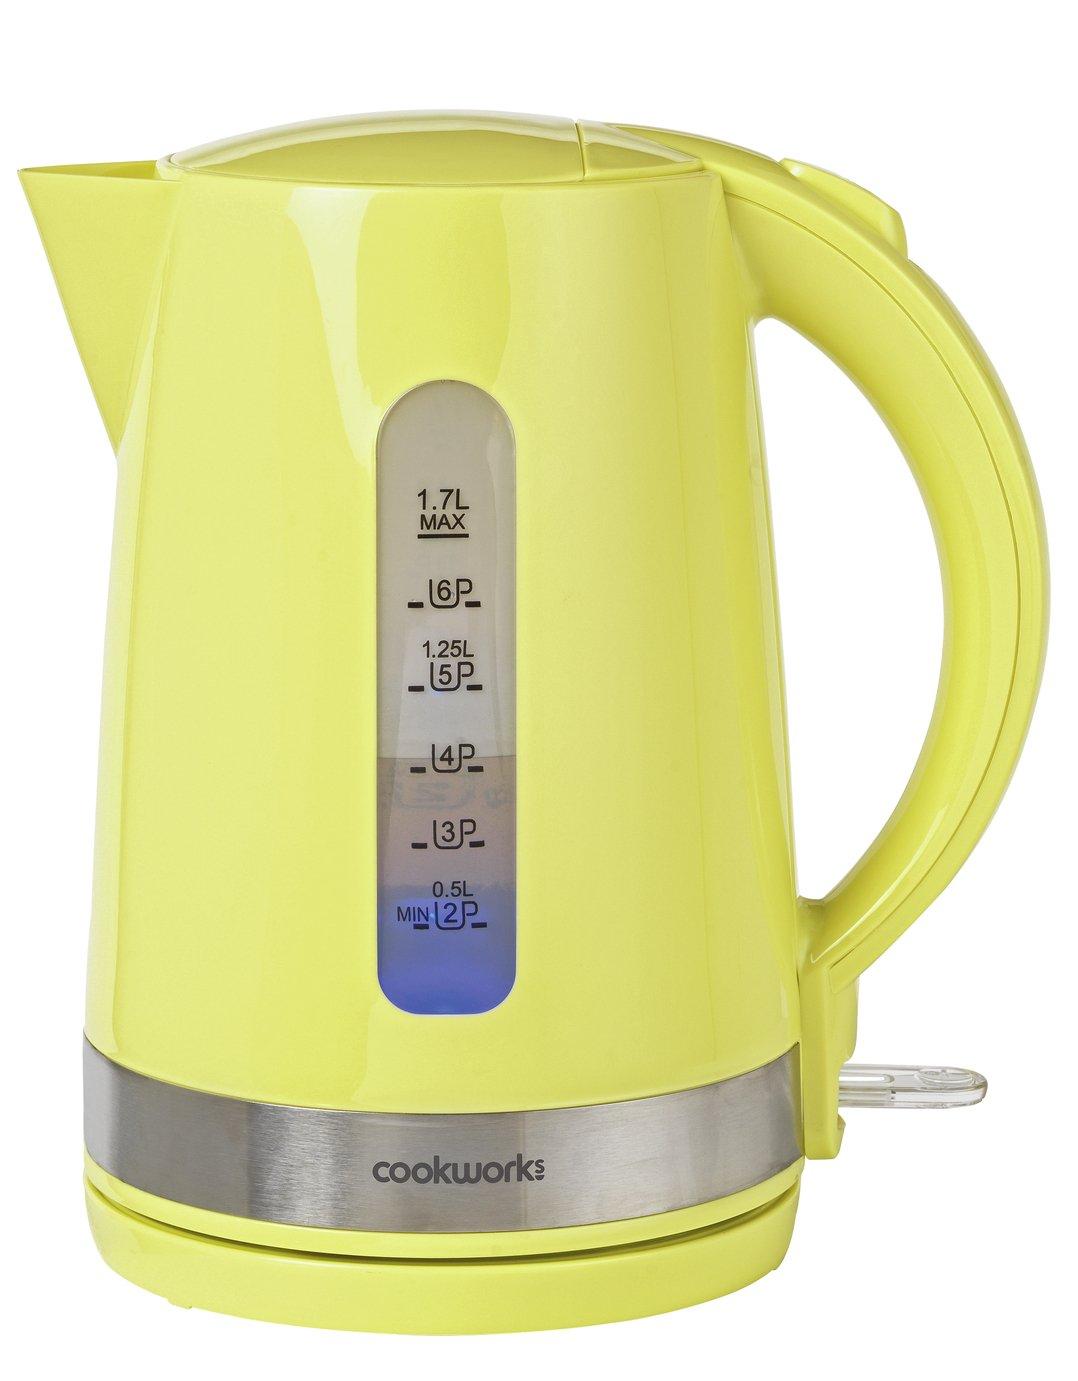 Cookworks Illumination Kettle - Green